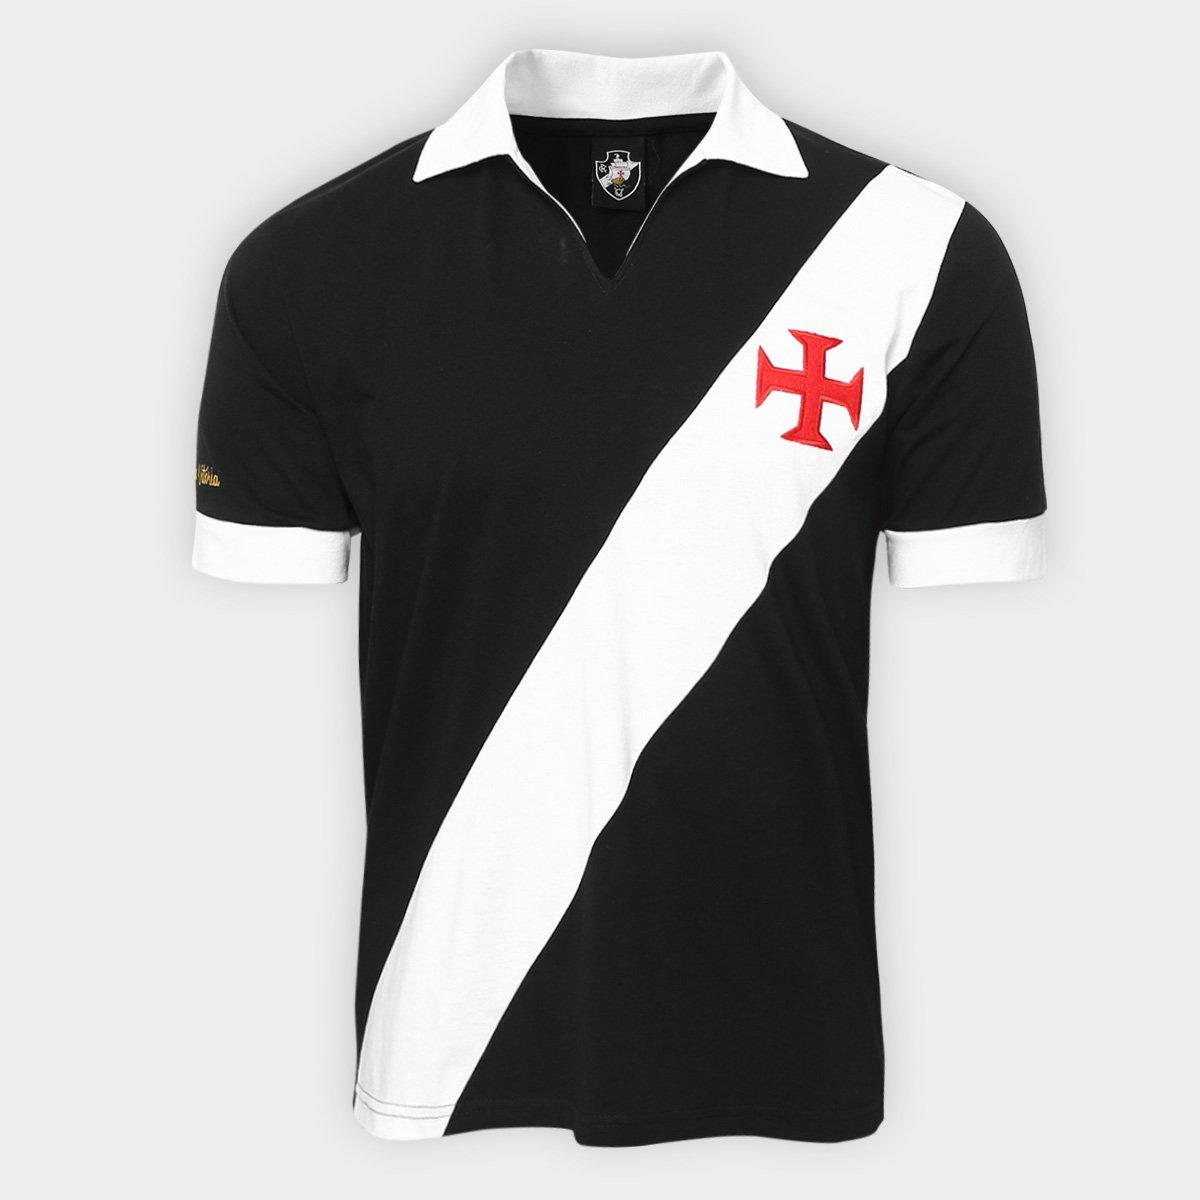 Camisa Retrô Vasco Expresso Da Vitória Masculina - Preto - Compre ... 6365a95285201